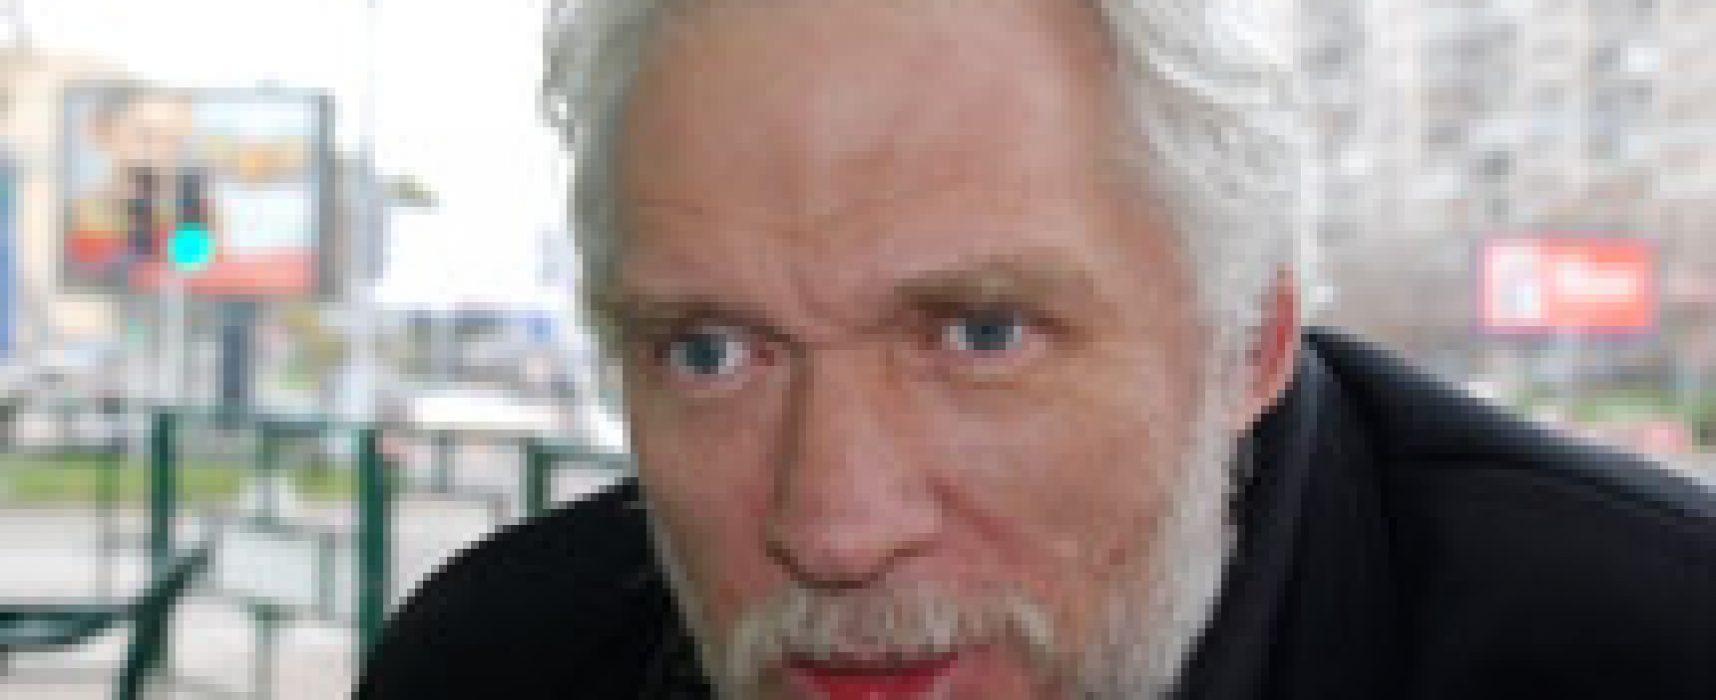 Борис Соколов: Перемога над правдою